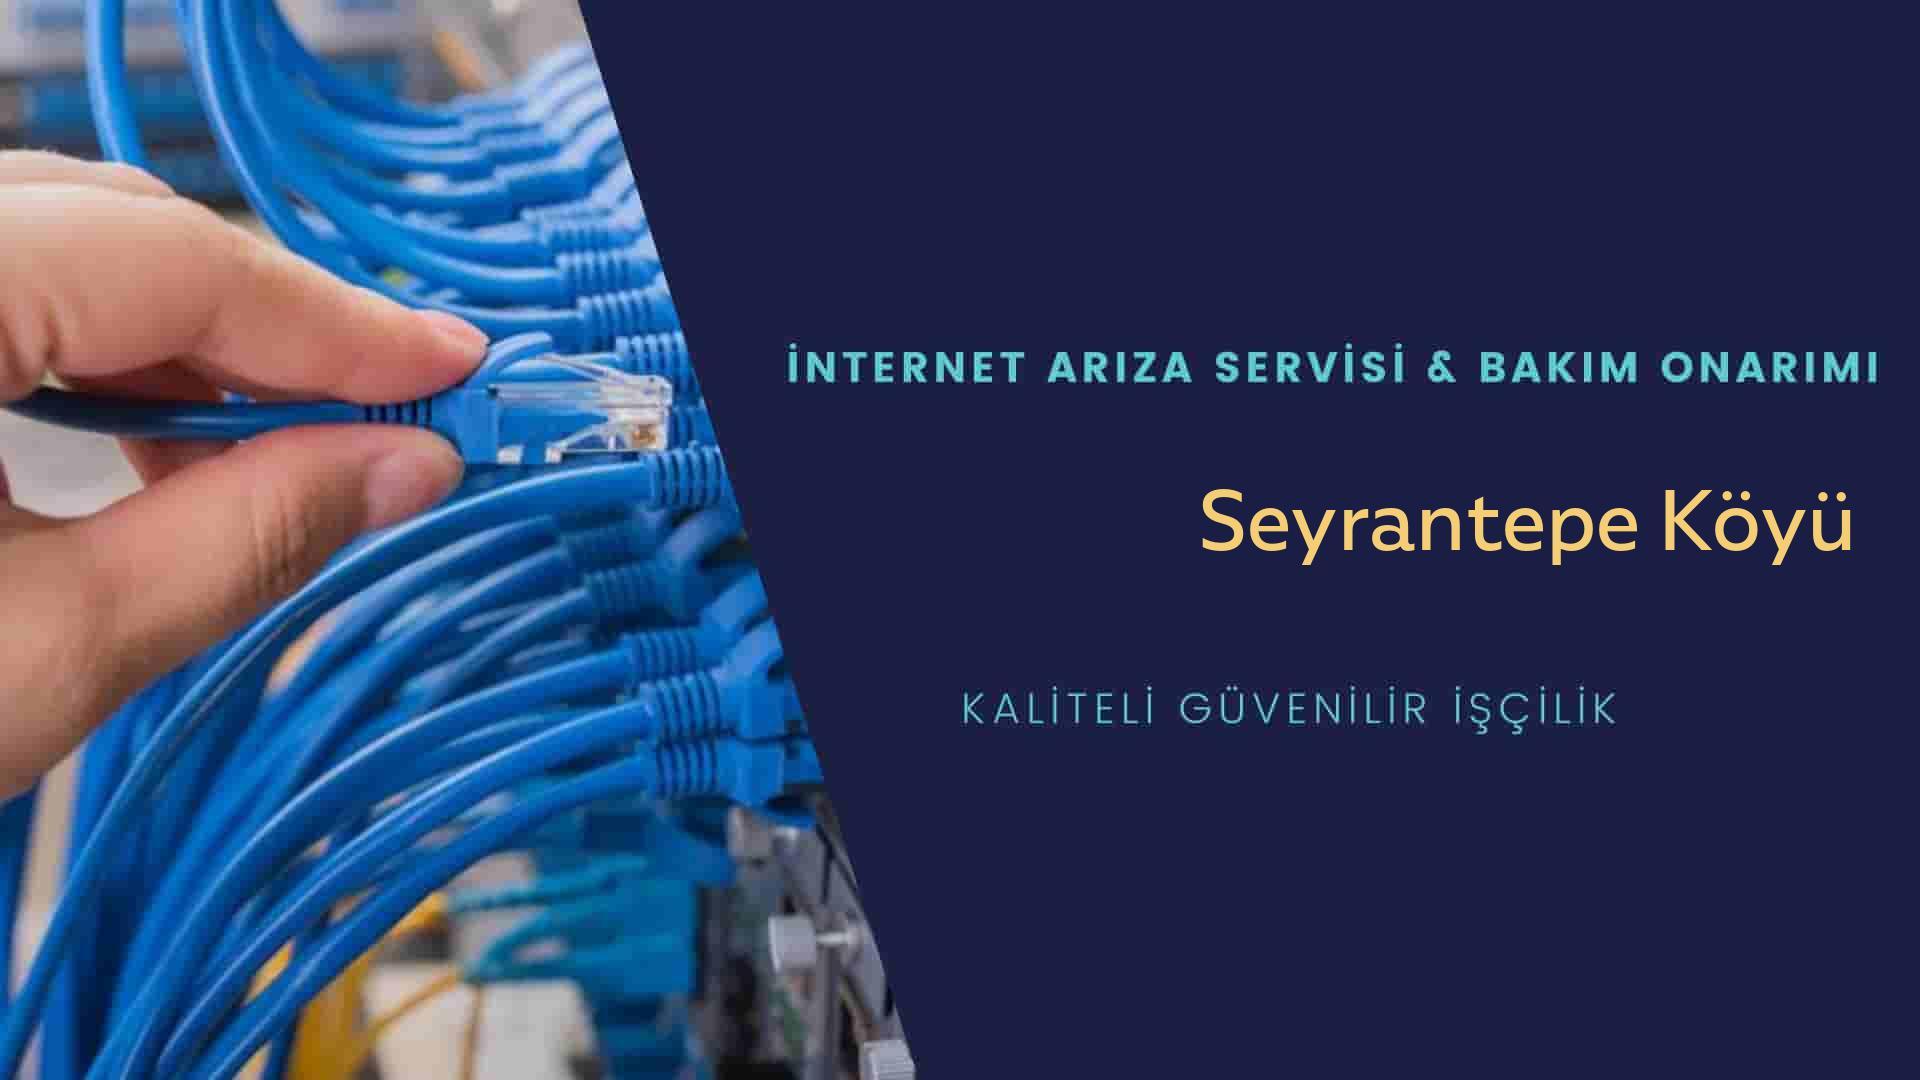 Seyrantepe Köyü internet kablosu çekimi yapan yerler veya elektrikçiler mi? arıyorsunuz doğru yerdesiniz o zaman sizlere 7/24 yardımcı olacak profesyonel ustalarımız bir telefon kadar yakındır size.